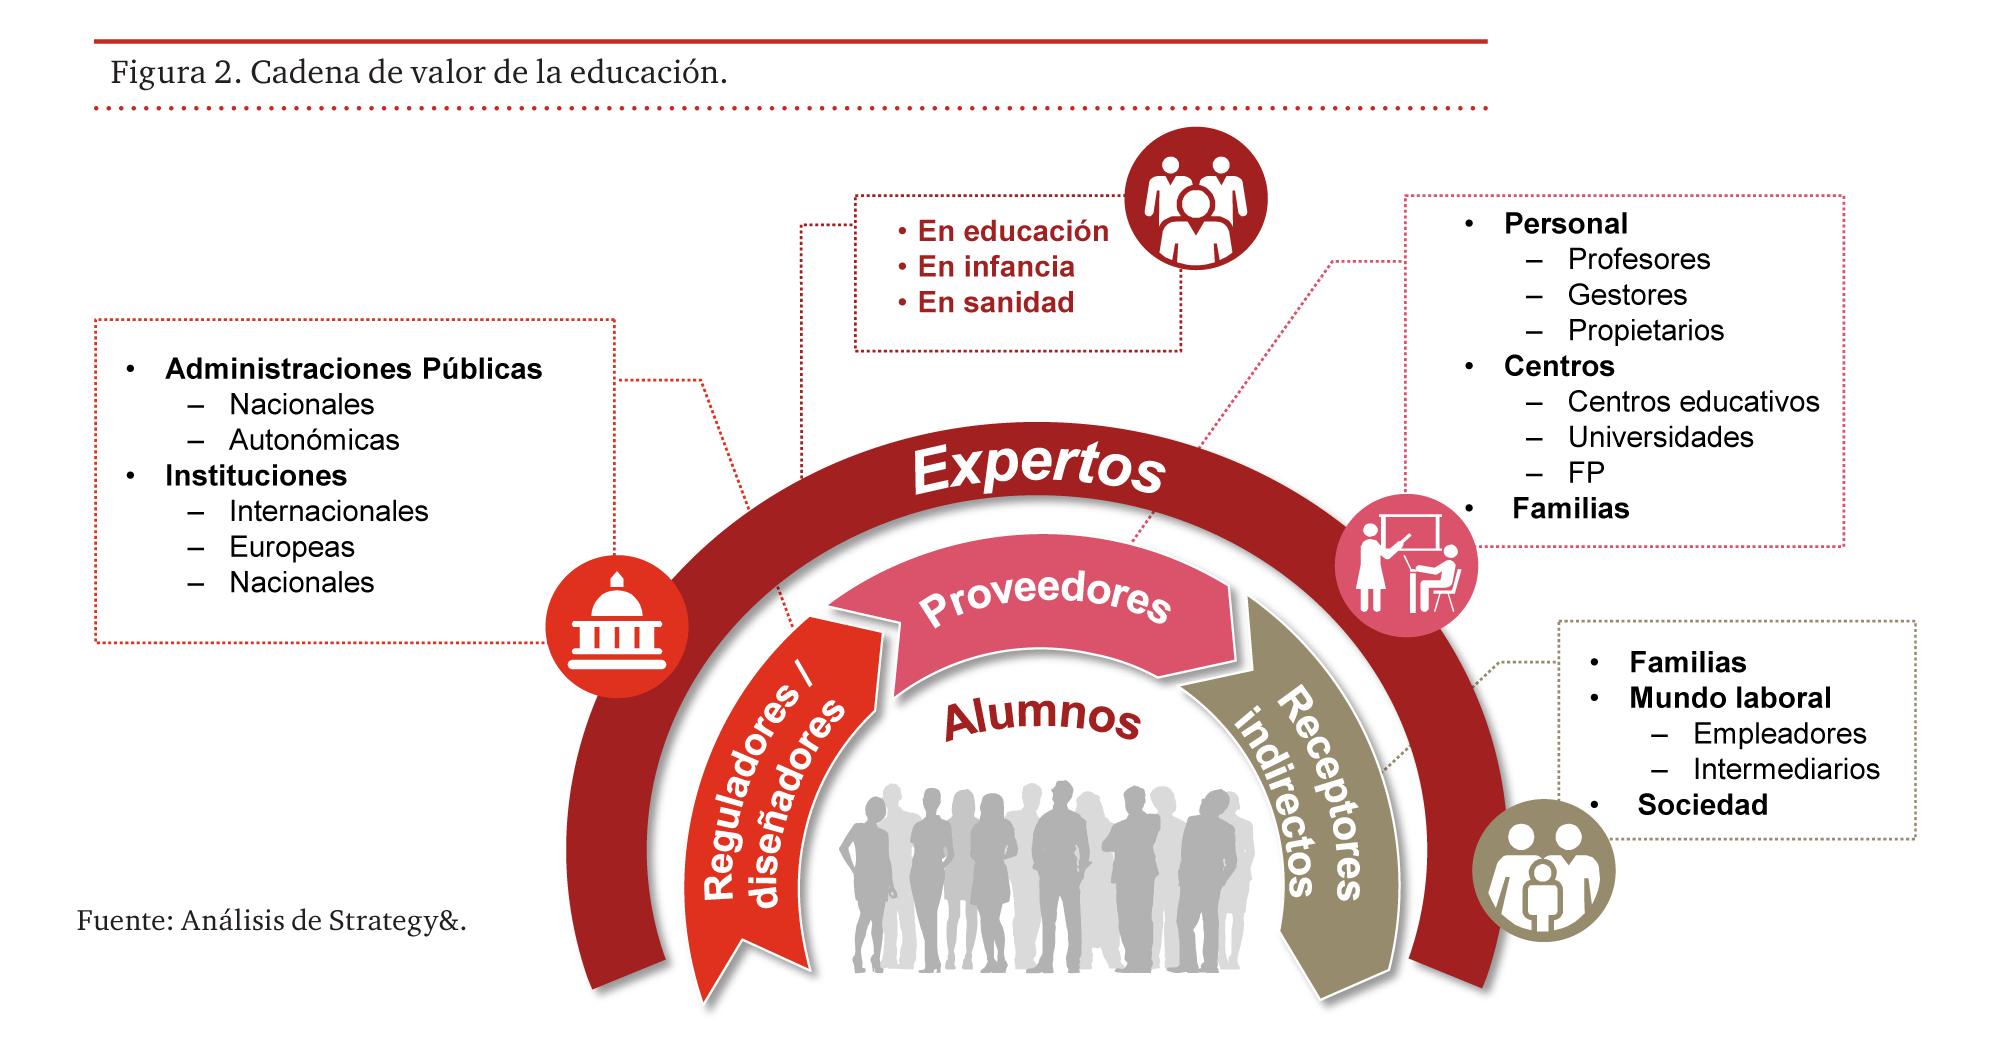 cadena de valor de la educación